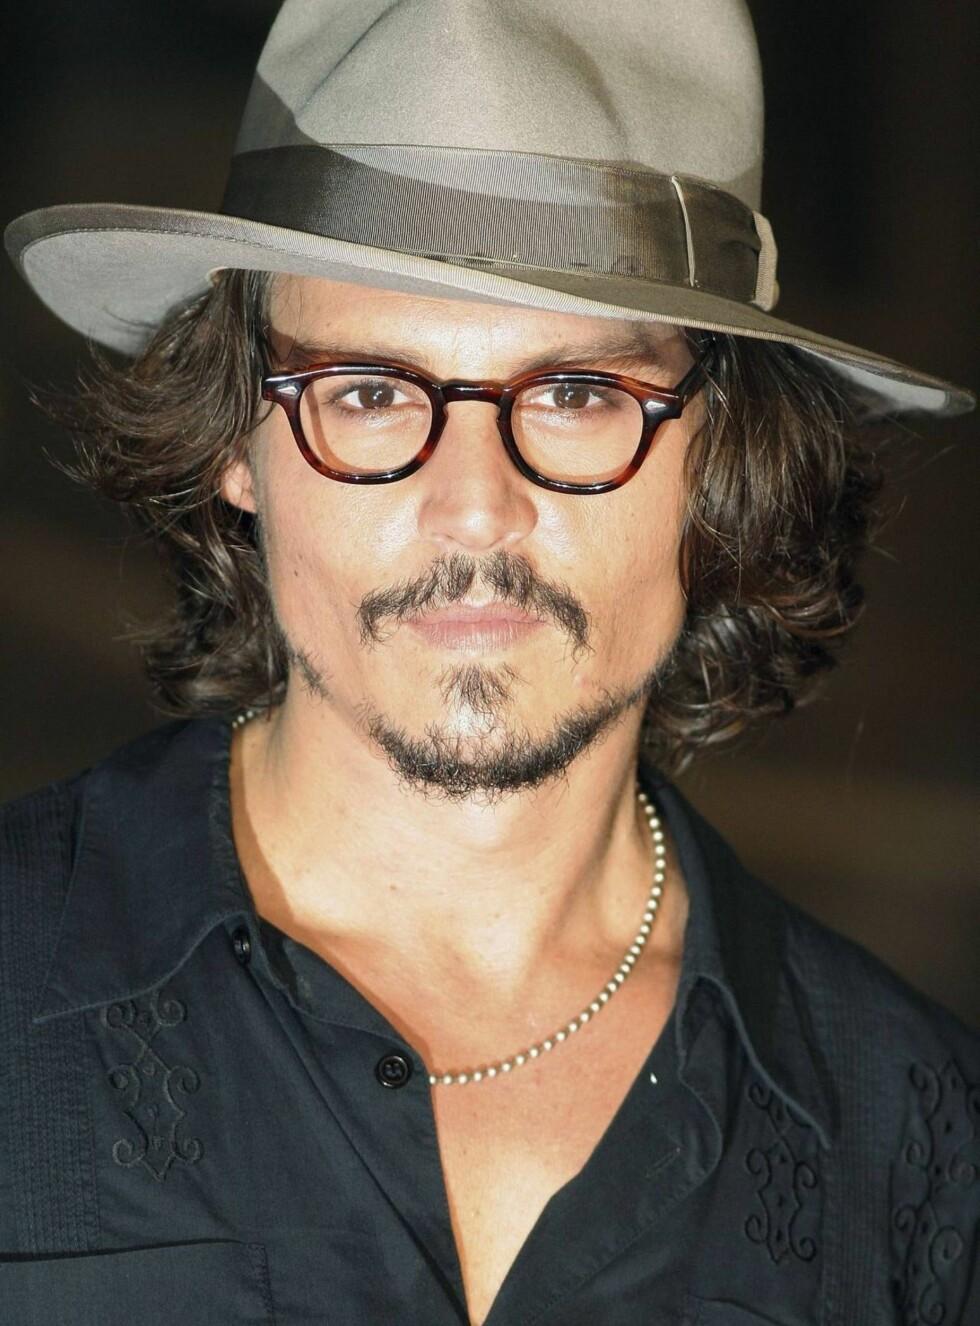 SEILER VIDERE: Johnny Depp har sagt ja til nok en film i rollen som kaptein Jack Sparrow. Foto: All Over Press